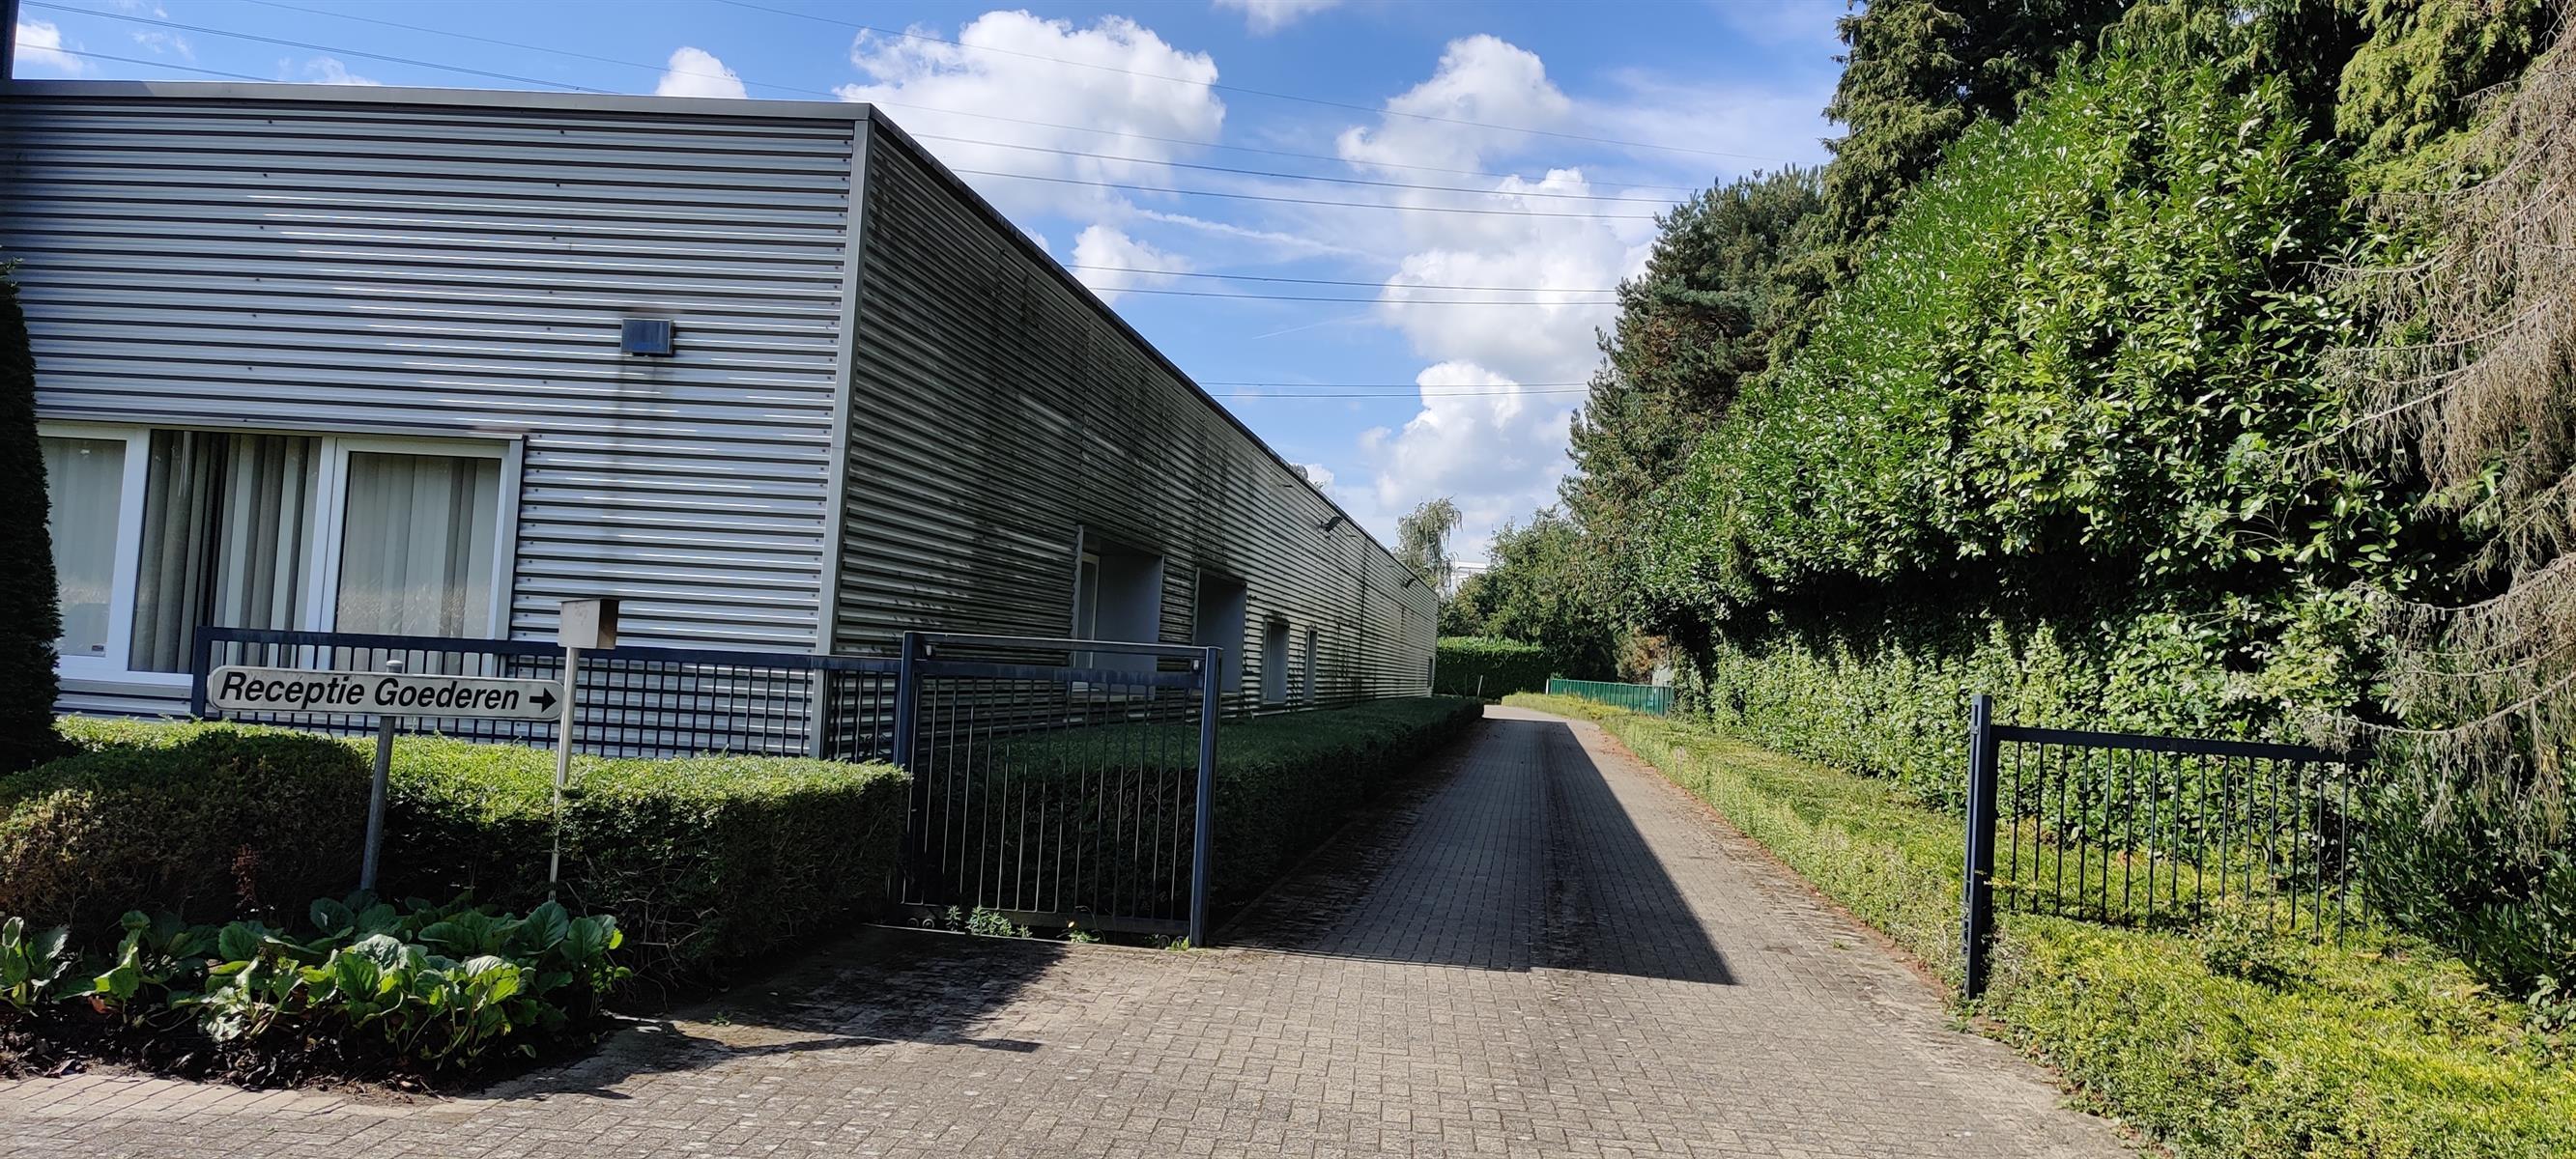 gebouw voor gemengd gebruik te koop I153 MAGAZIJN/ATELIER/KANTOOR - Dikberd 40, 2200 Herentals, België 3